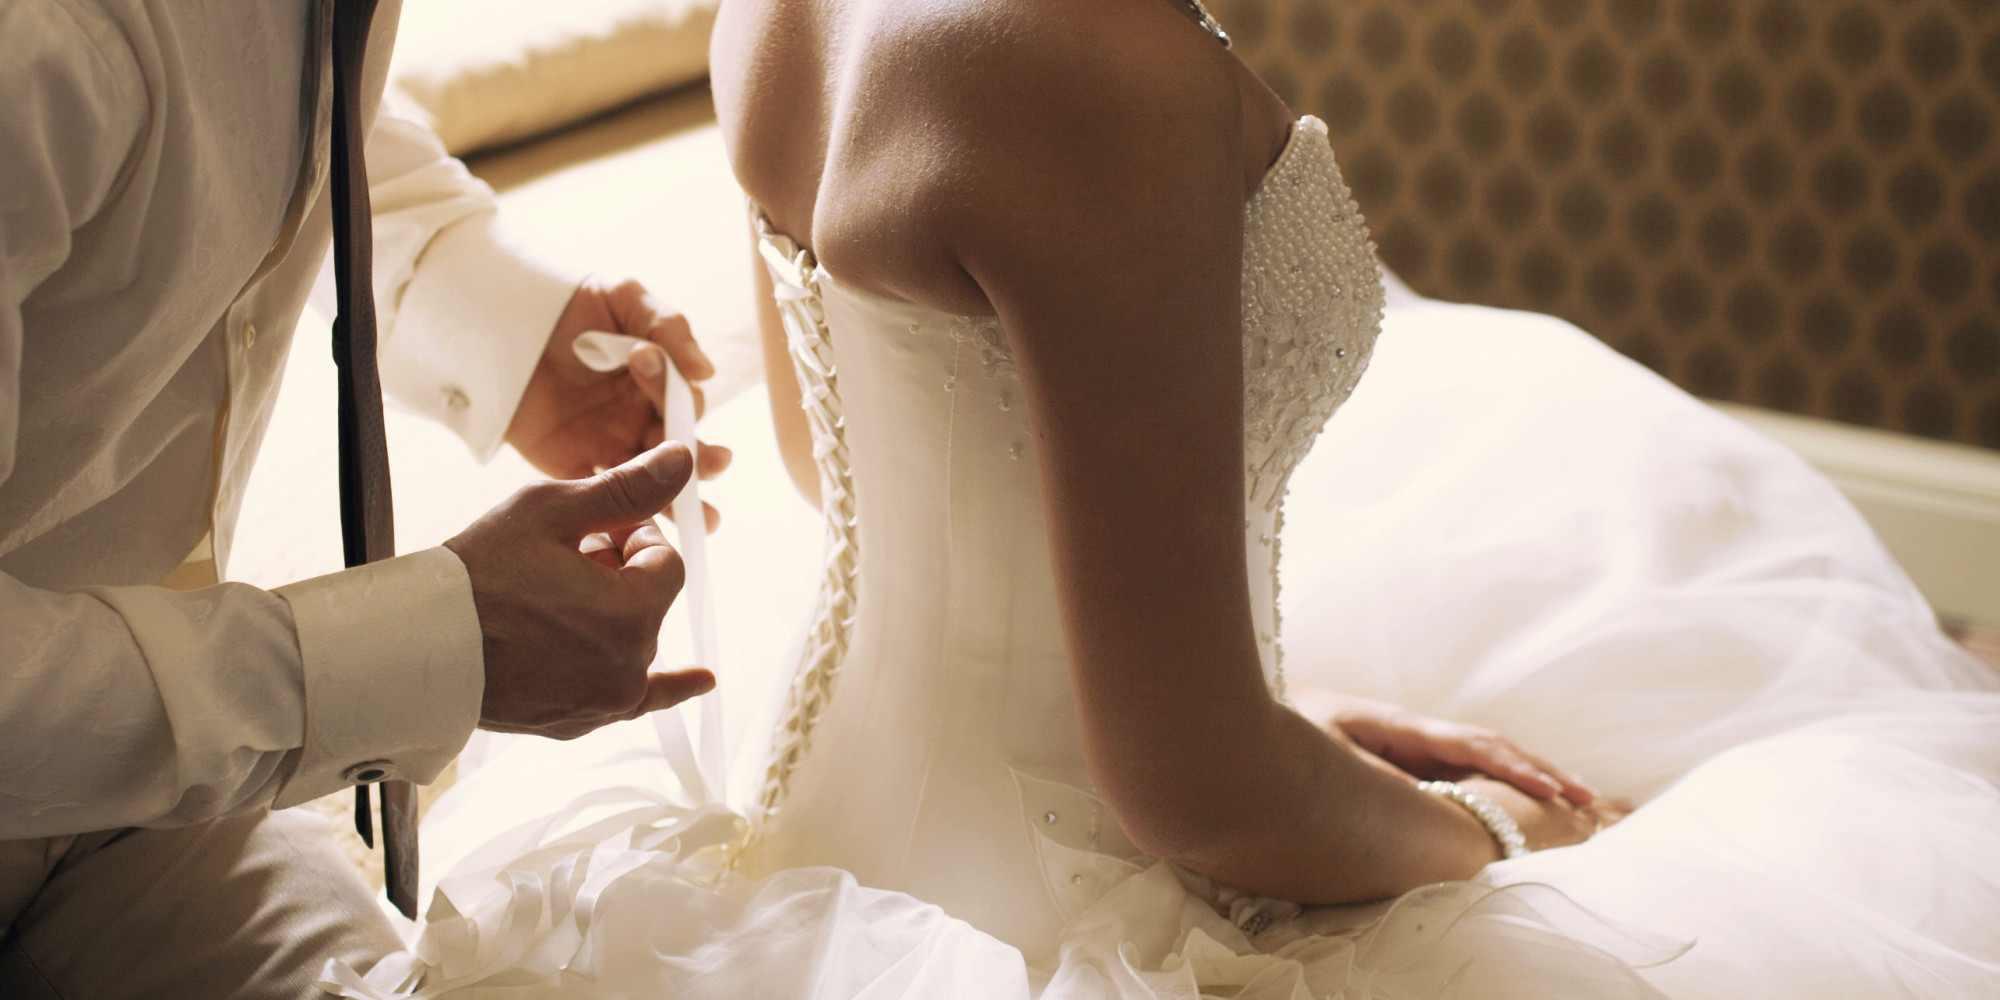 o-WEDDING-NIGHT-SEX-facebook